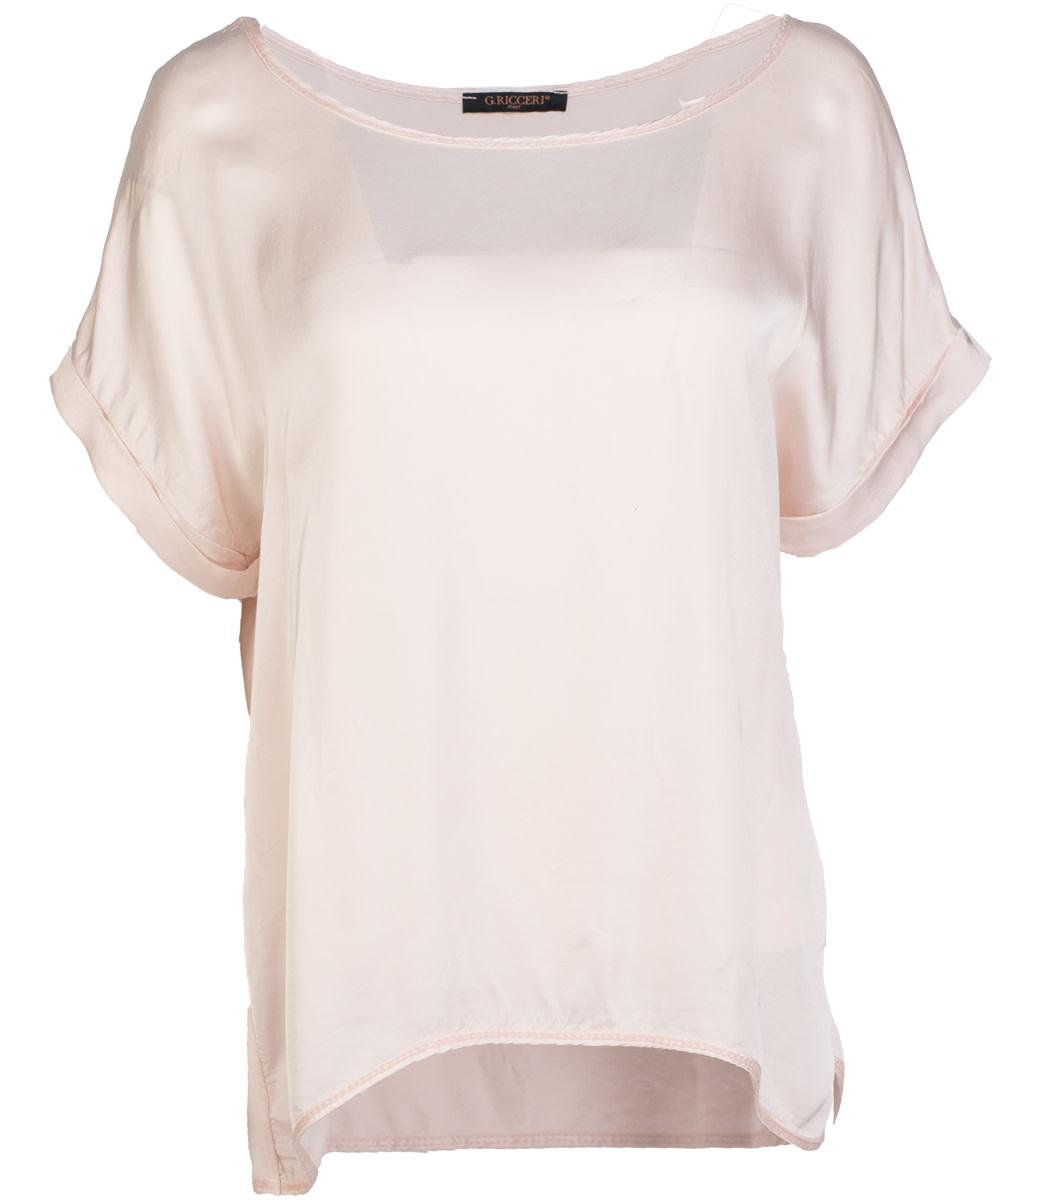 Gemma Ricceri Shirt roze silk touch